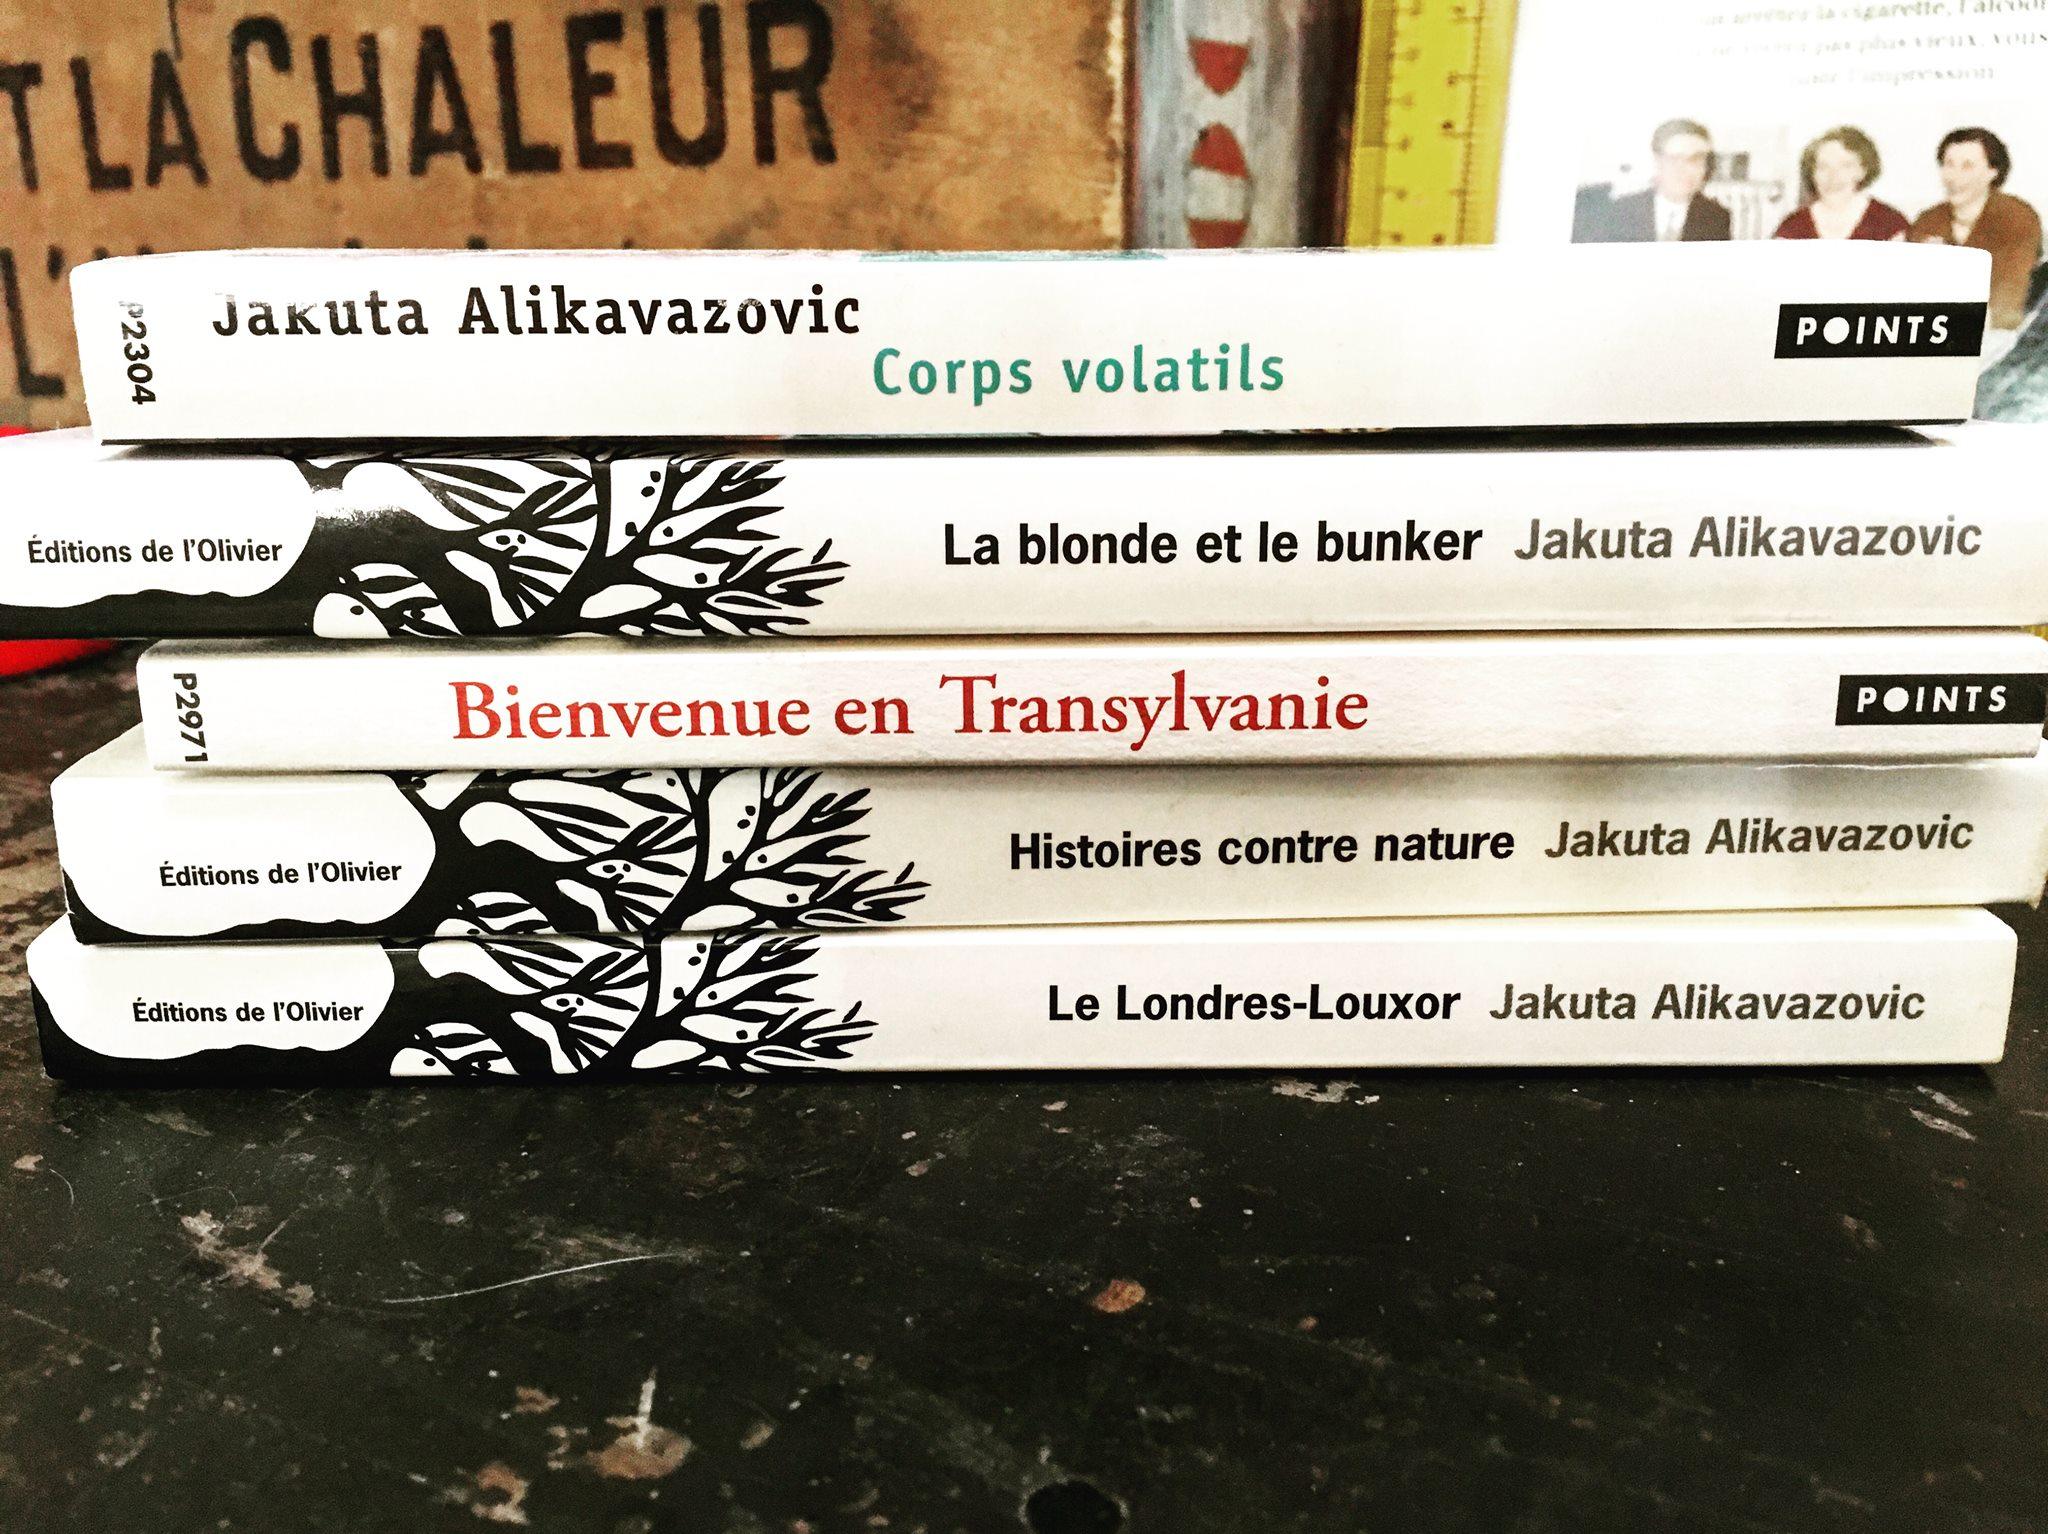 Jakuta Alikavazovic : Des obsessions, des rituels (Écrire aujourd'hui)